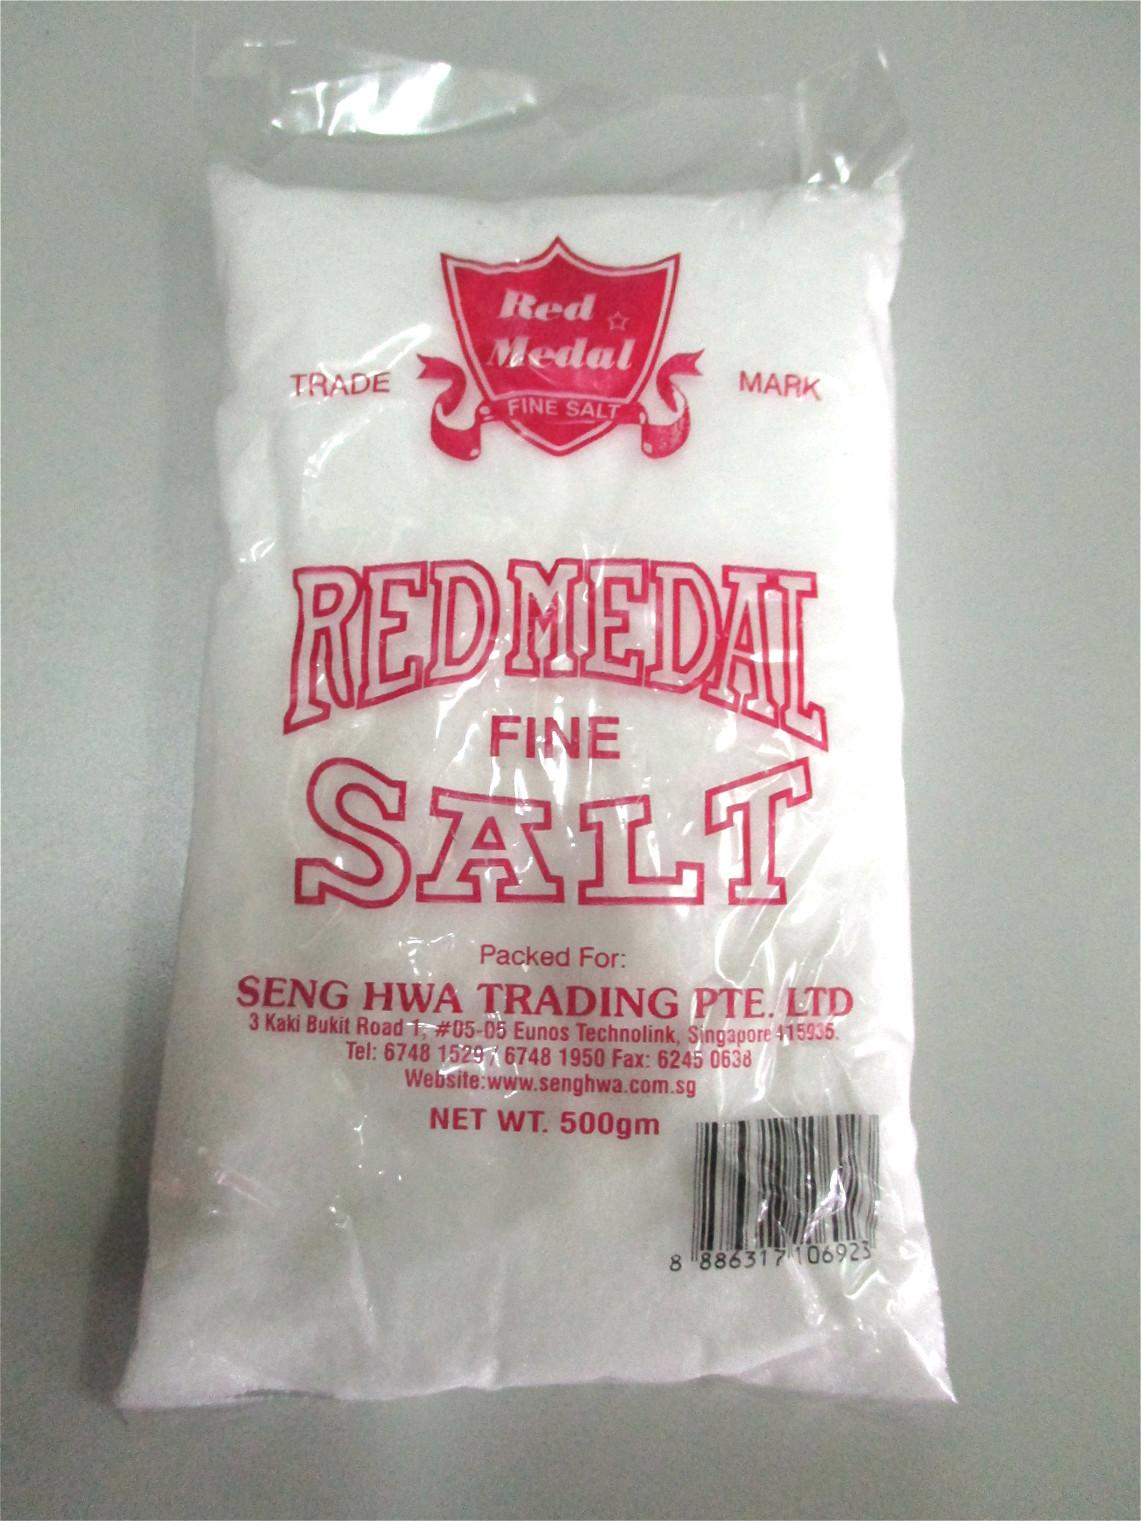 Red Medal Fine Salt (Pkt) 500g